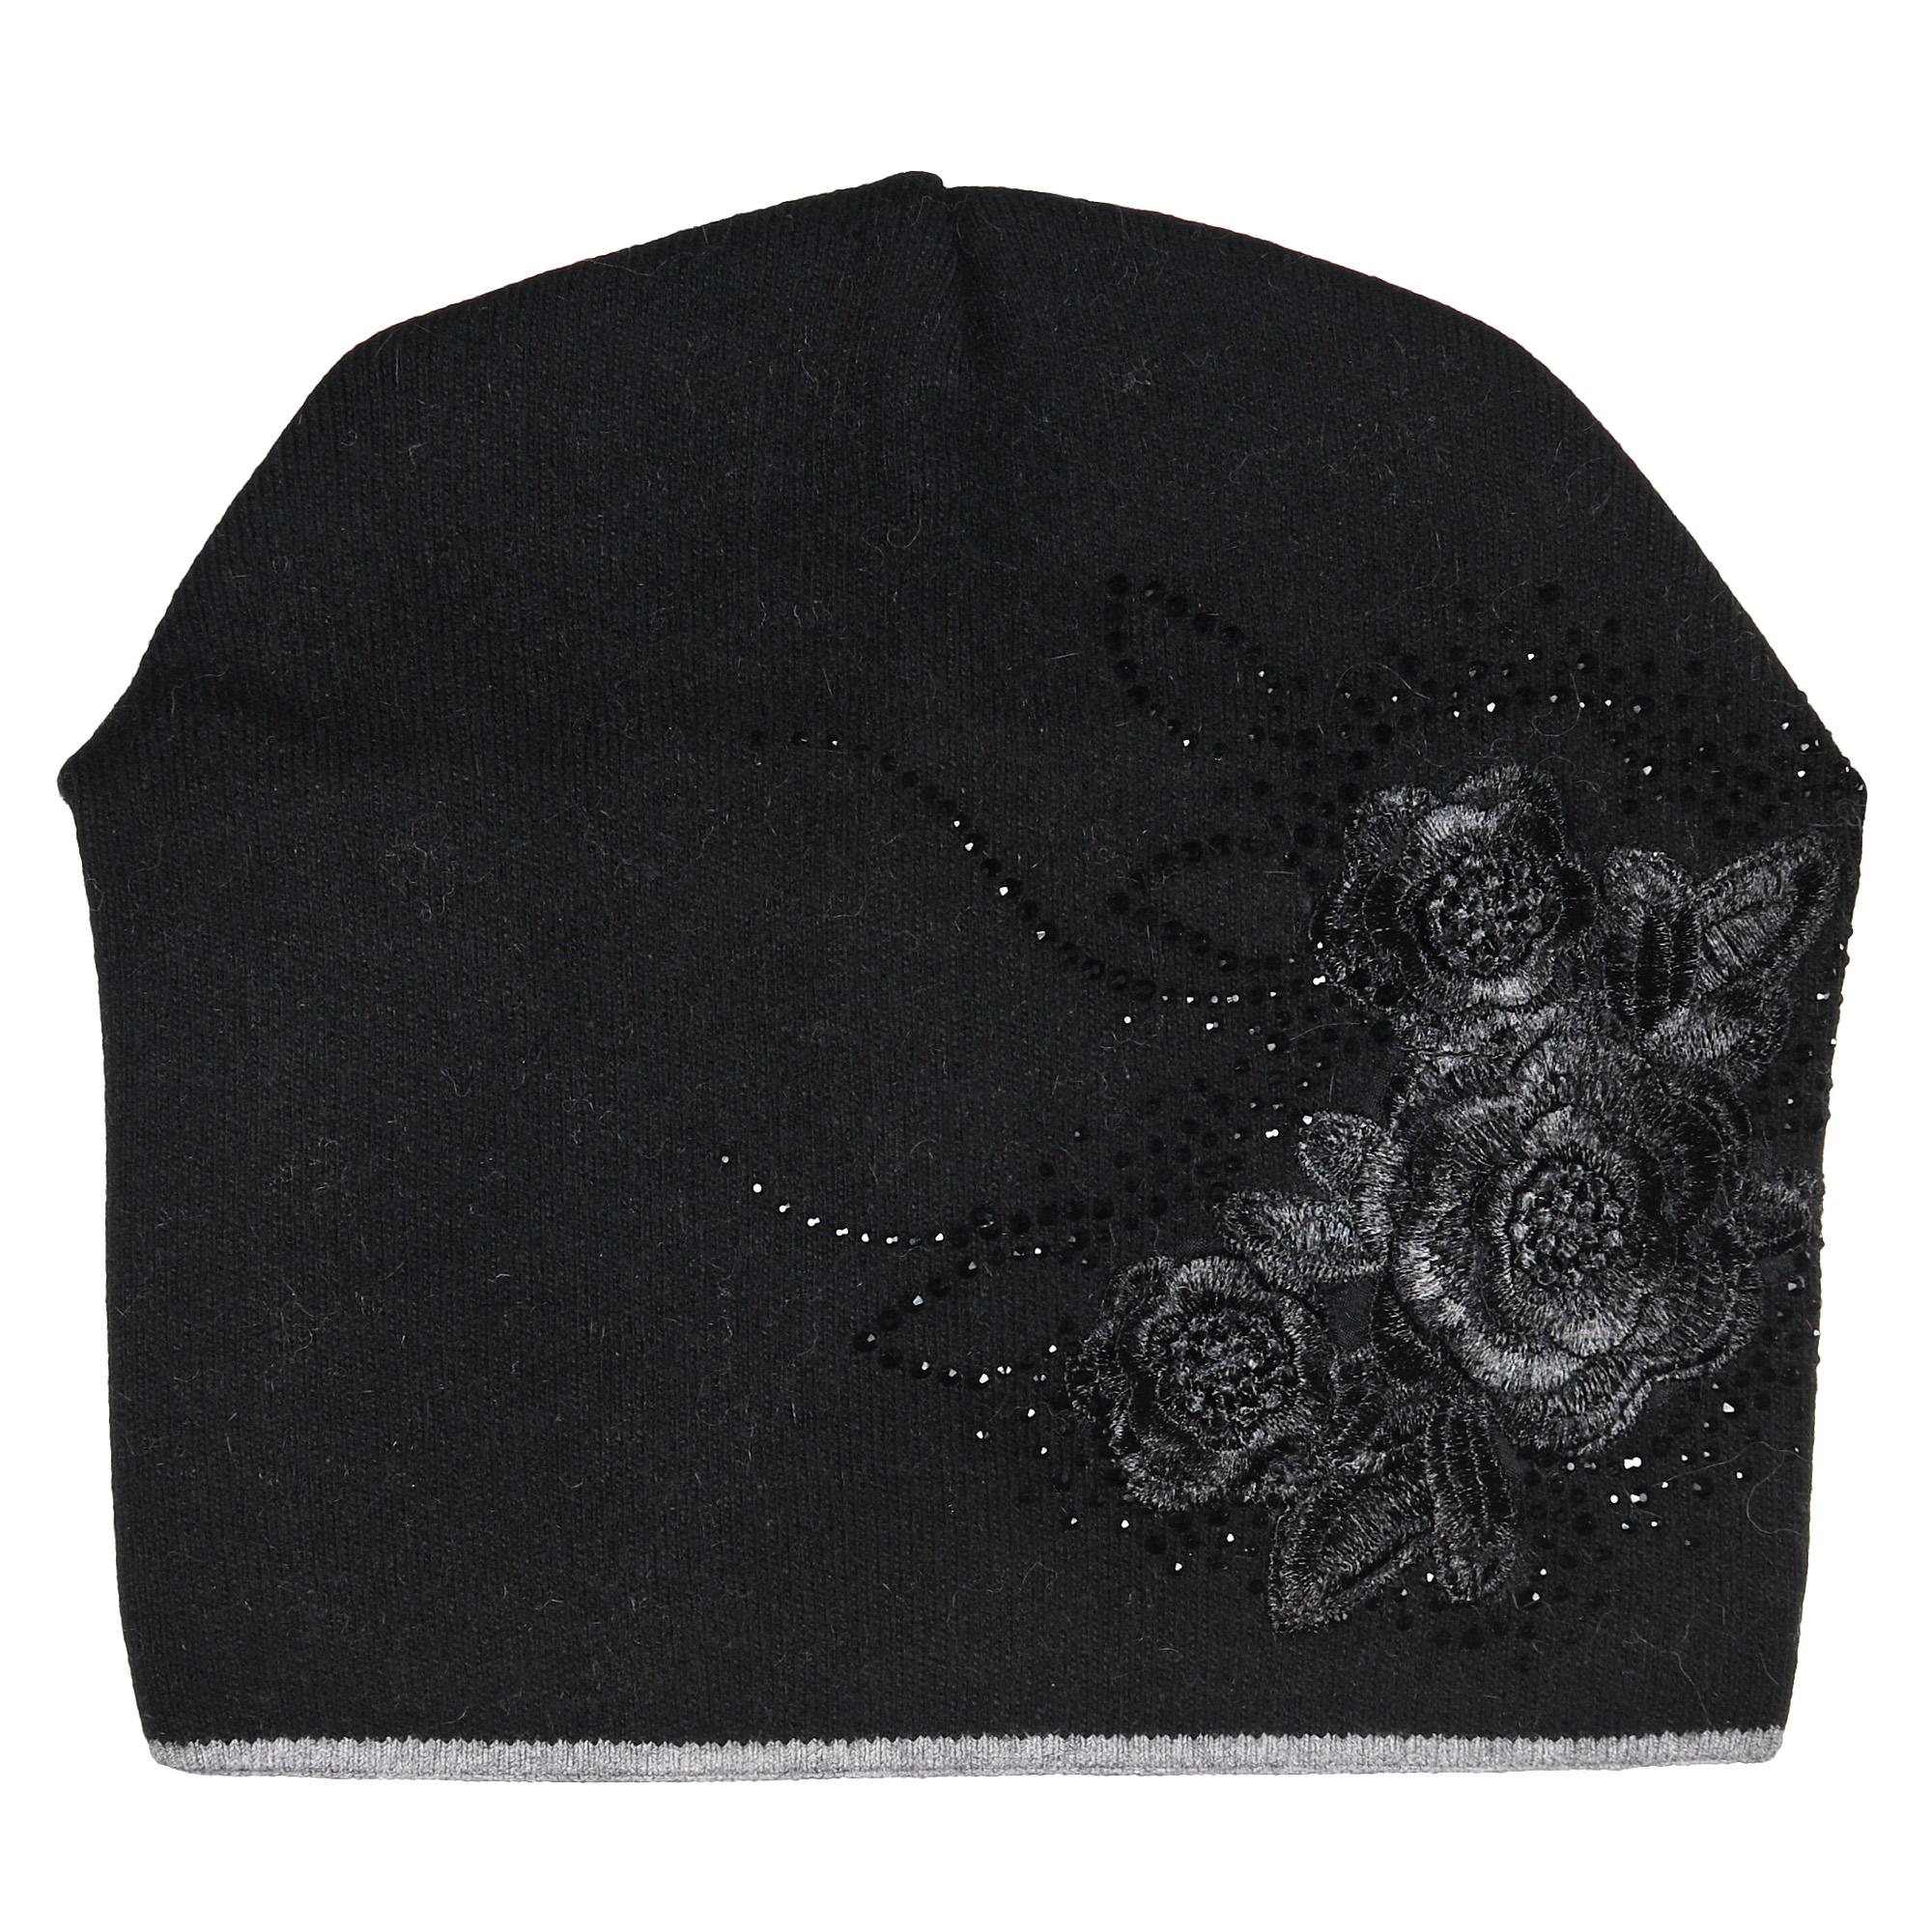 Шапка4-0047-030Модная теплая двухслойная шапка из шерсти с вышитыми цветами и стразами. Задняя часть декорирована сборкой. Отличный аксессуар защитит в непогоду и подарит ощущение теплоты.